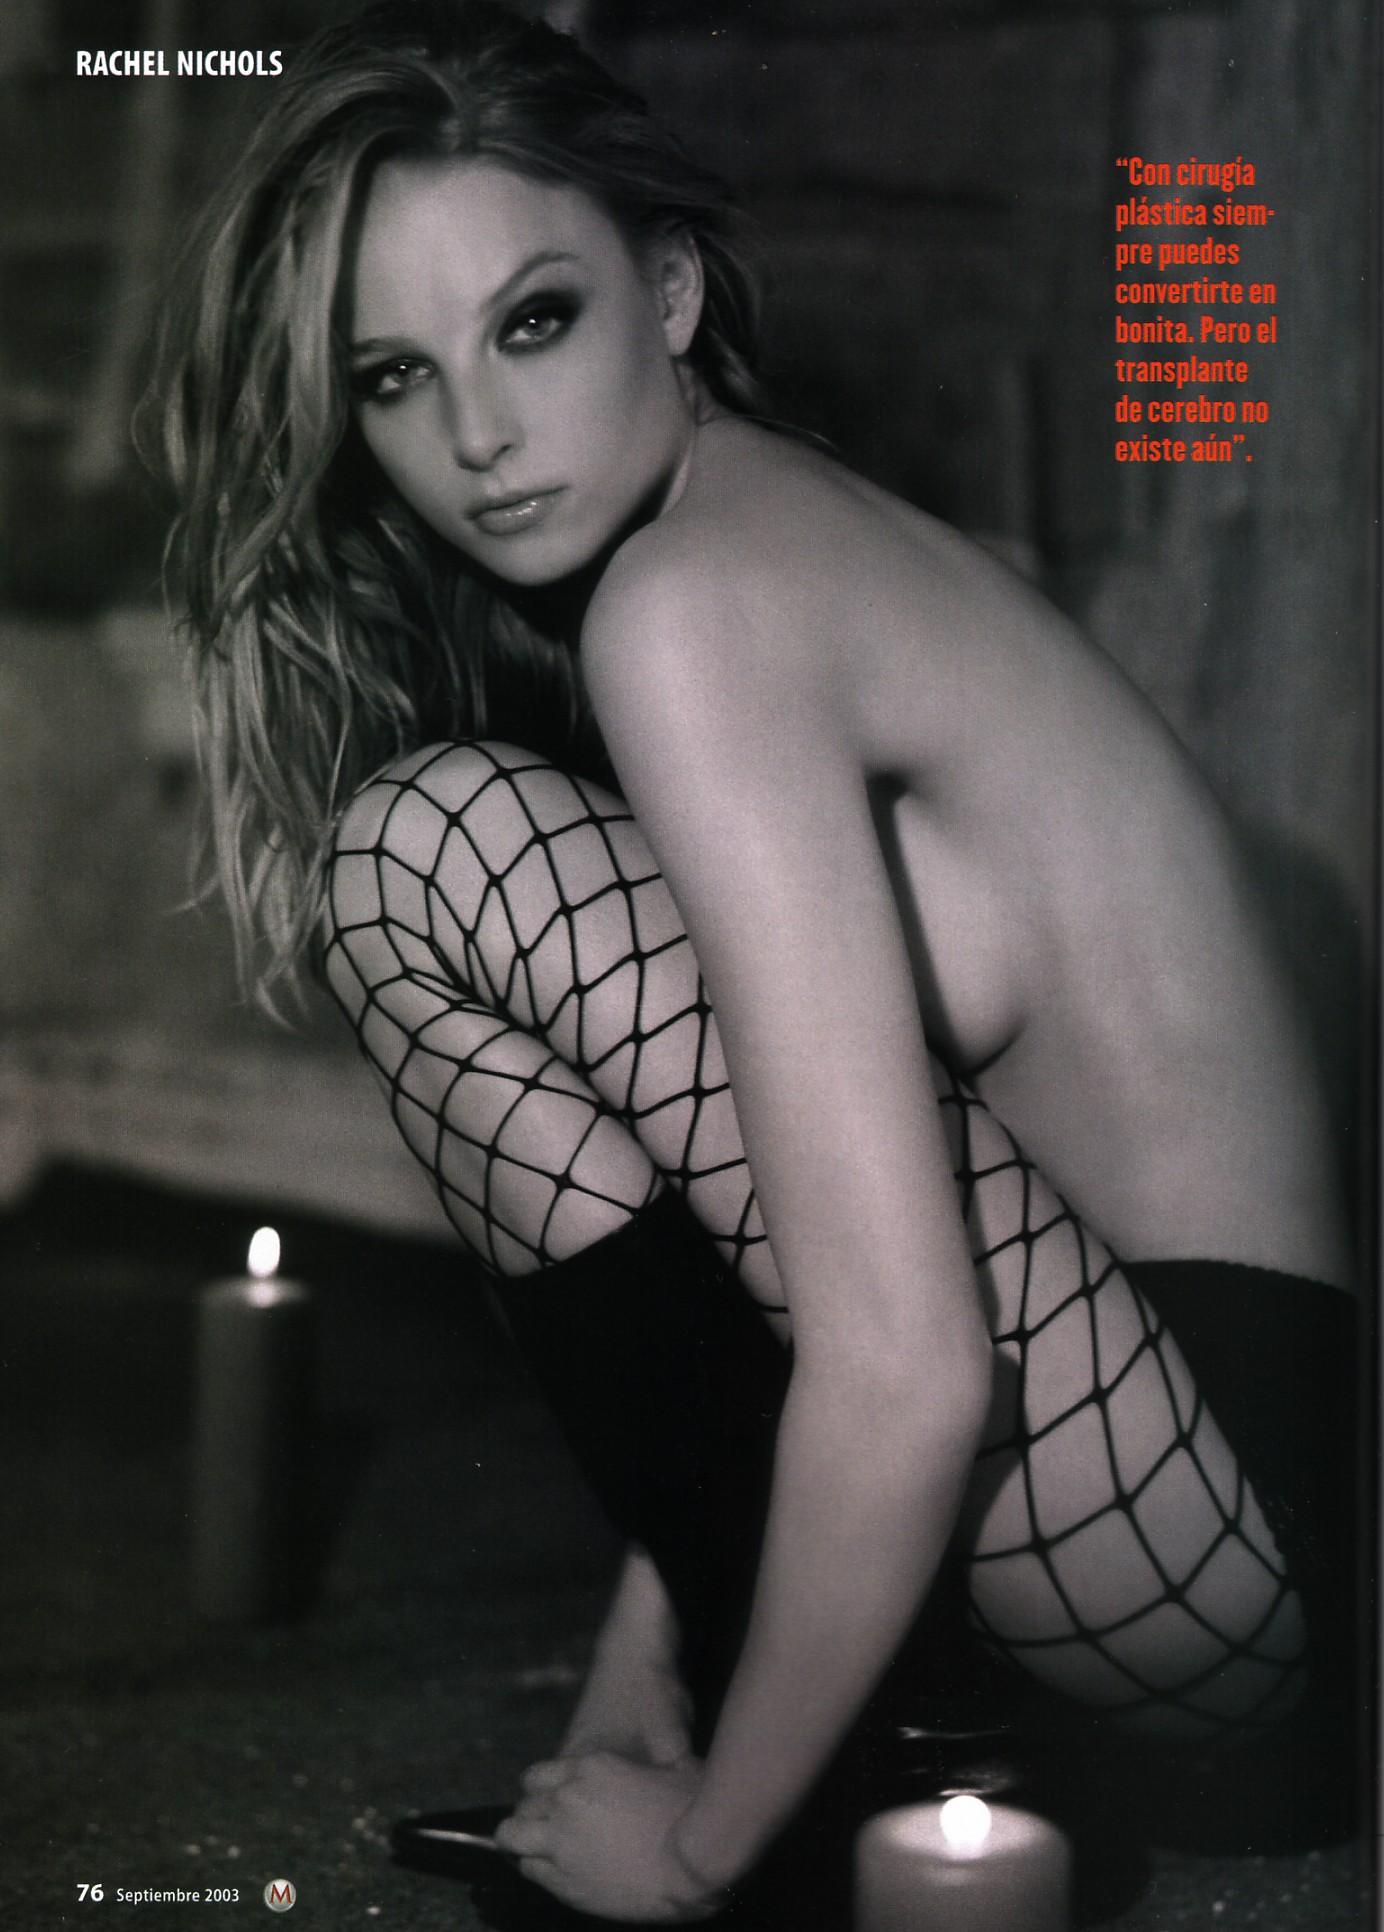 Rachel nichols actress nude